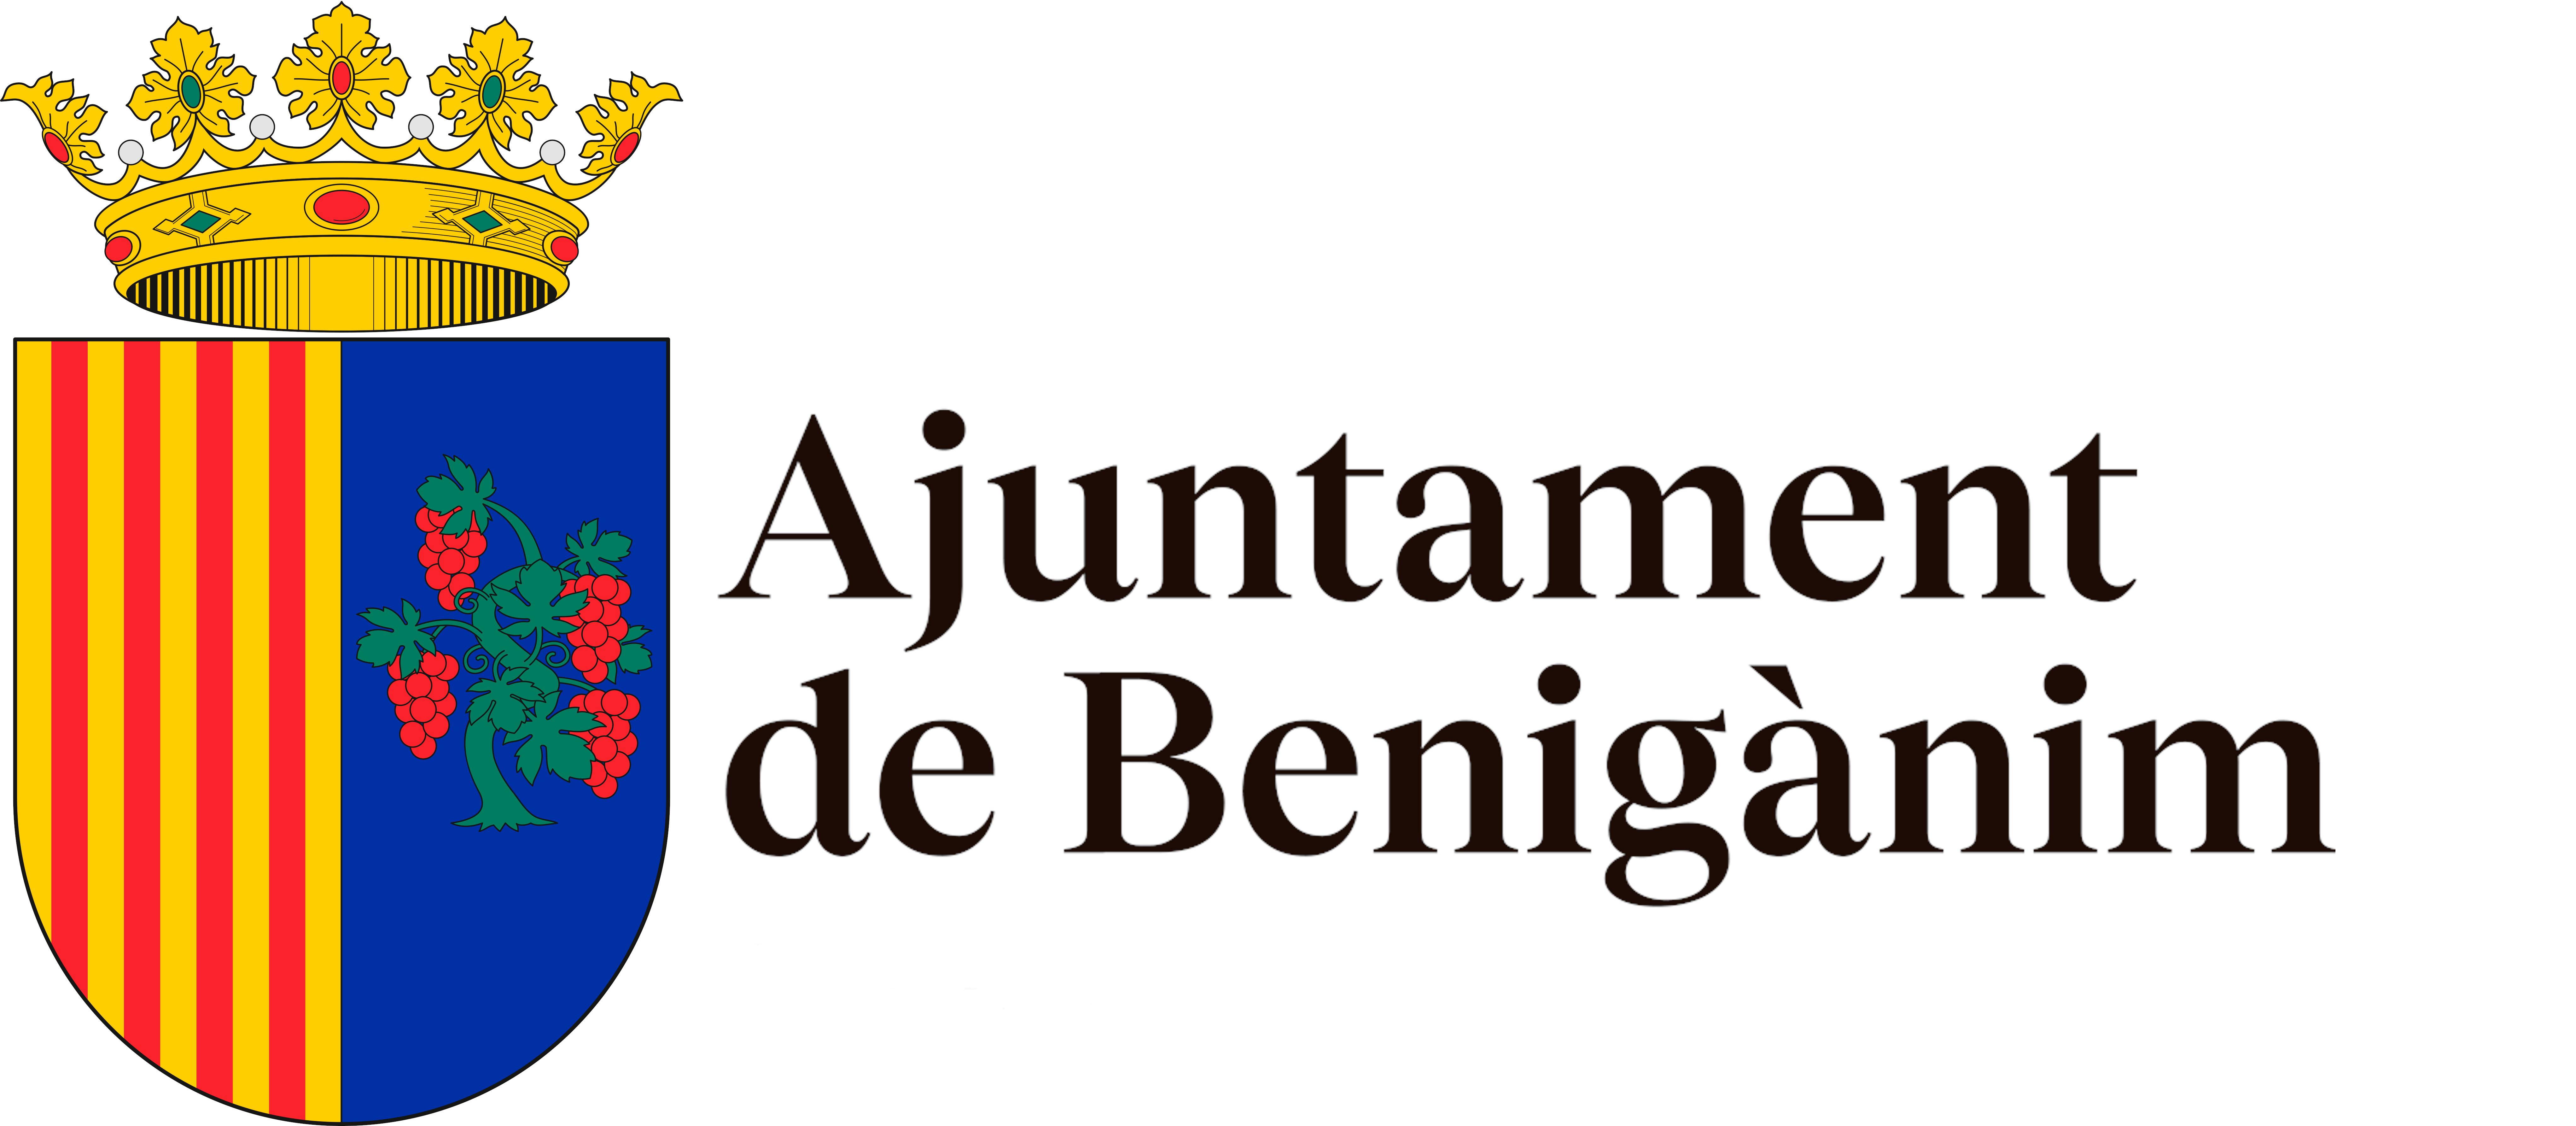 Escudo Ajuntament de Benigànim